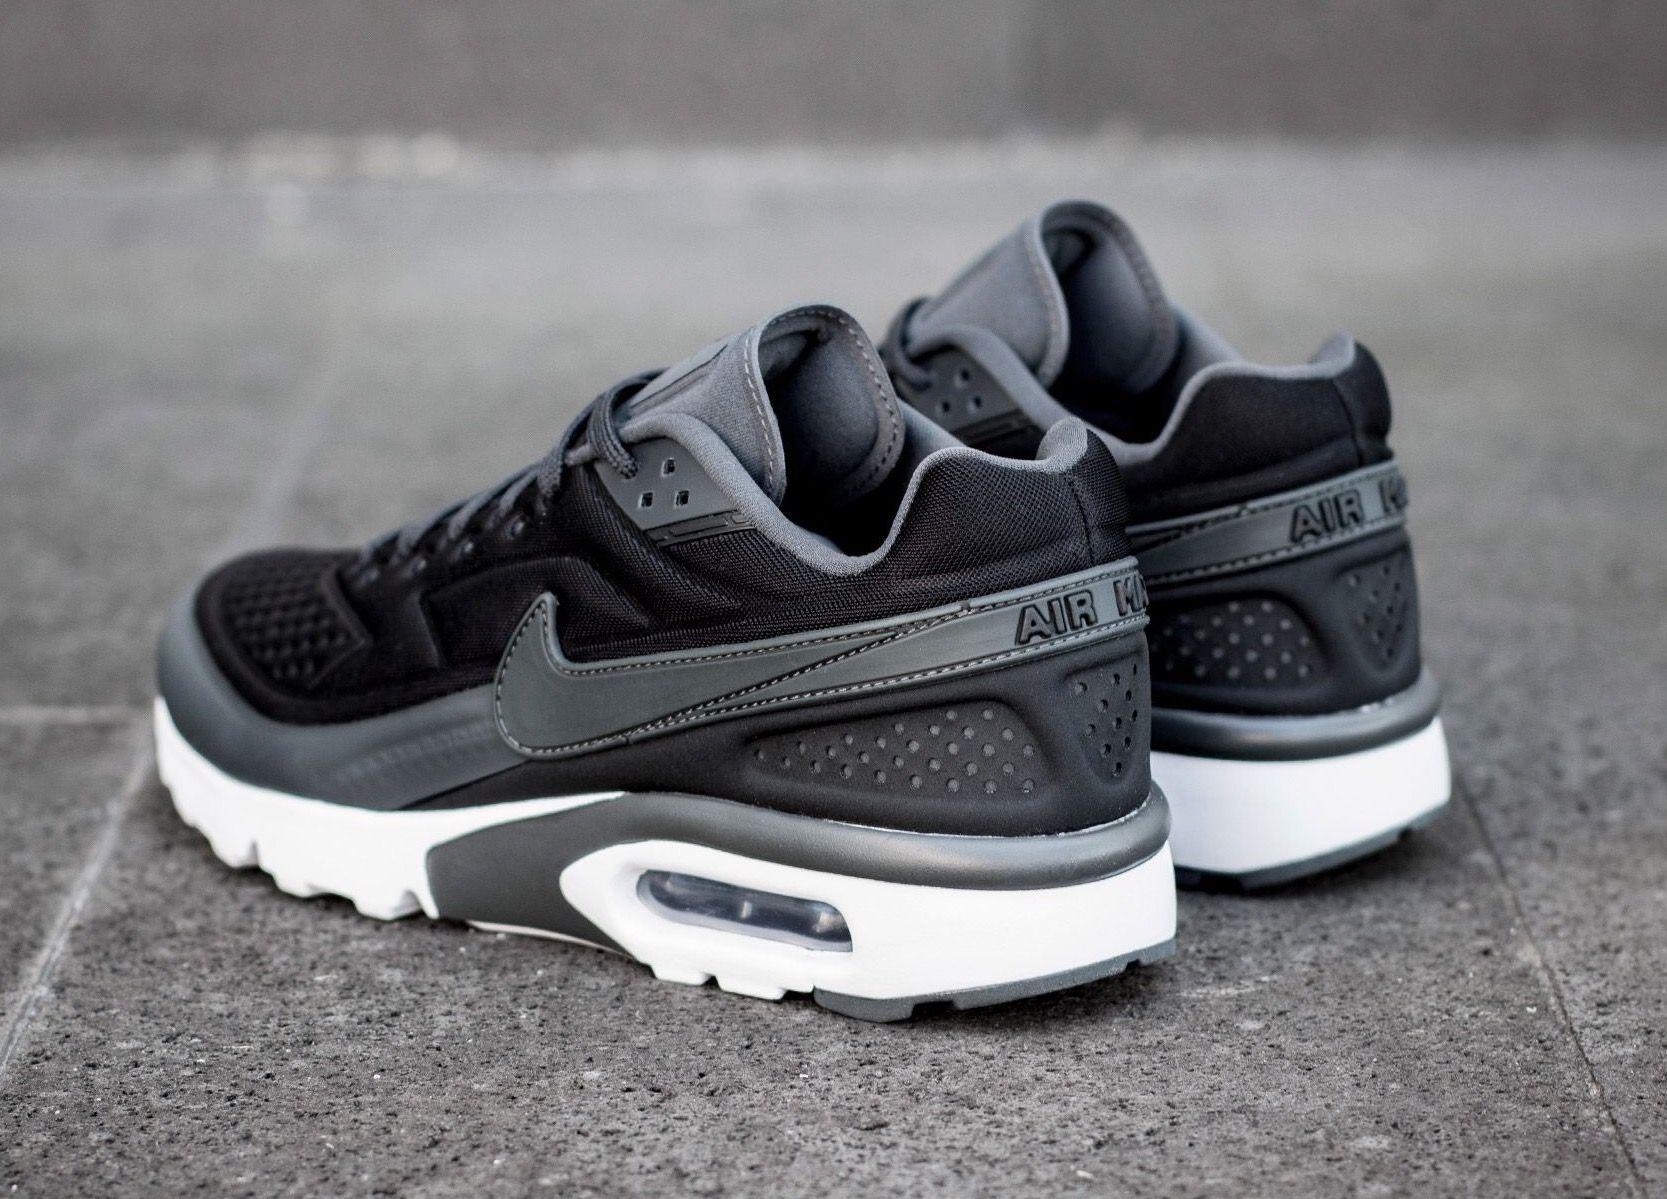 Nike Air Classic Bw Ultra Black Grey Nike Shoes Air Max Black Nike Shoes Nike Air Max Mens